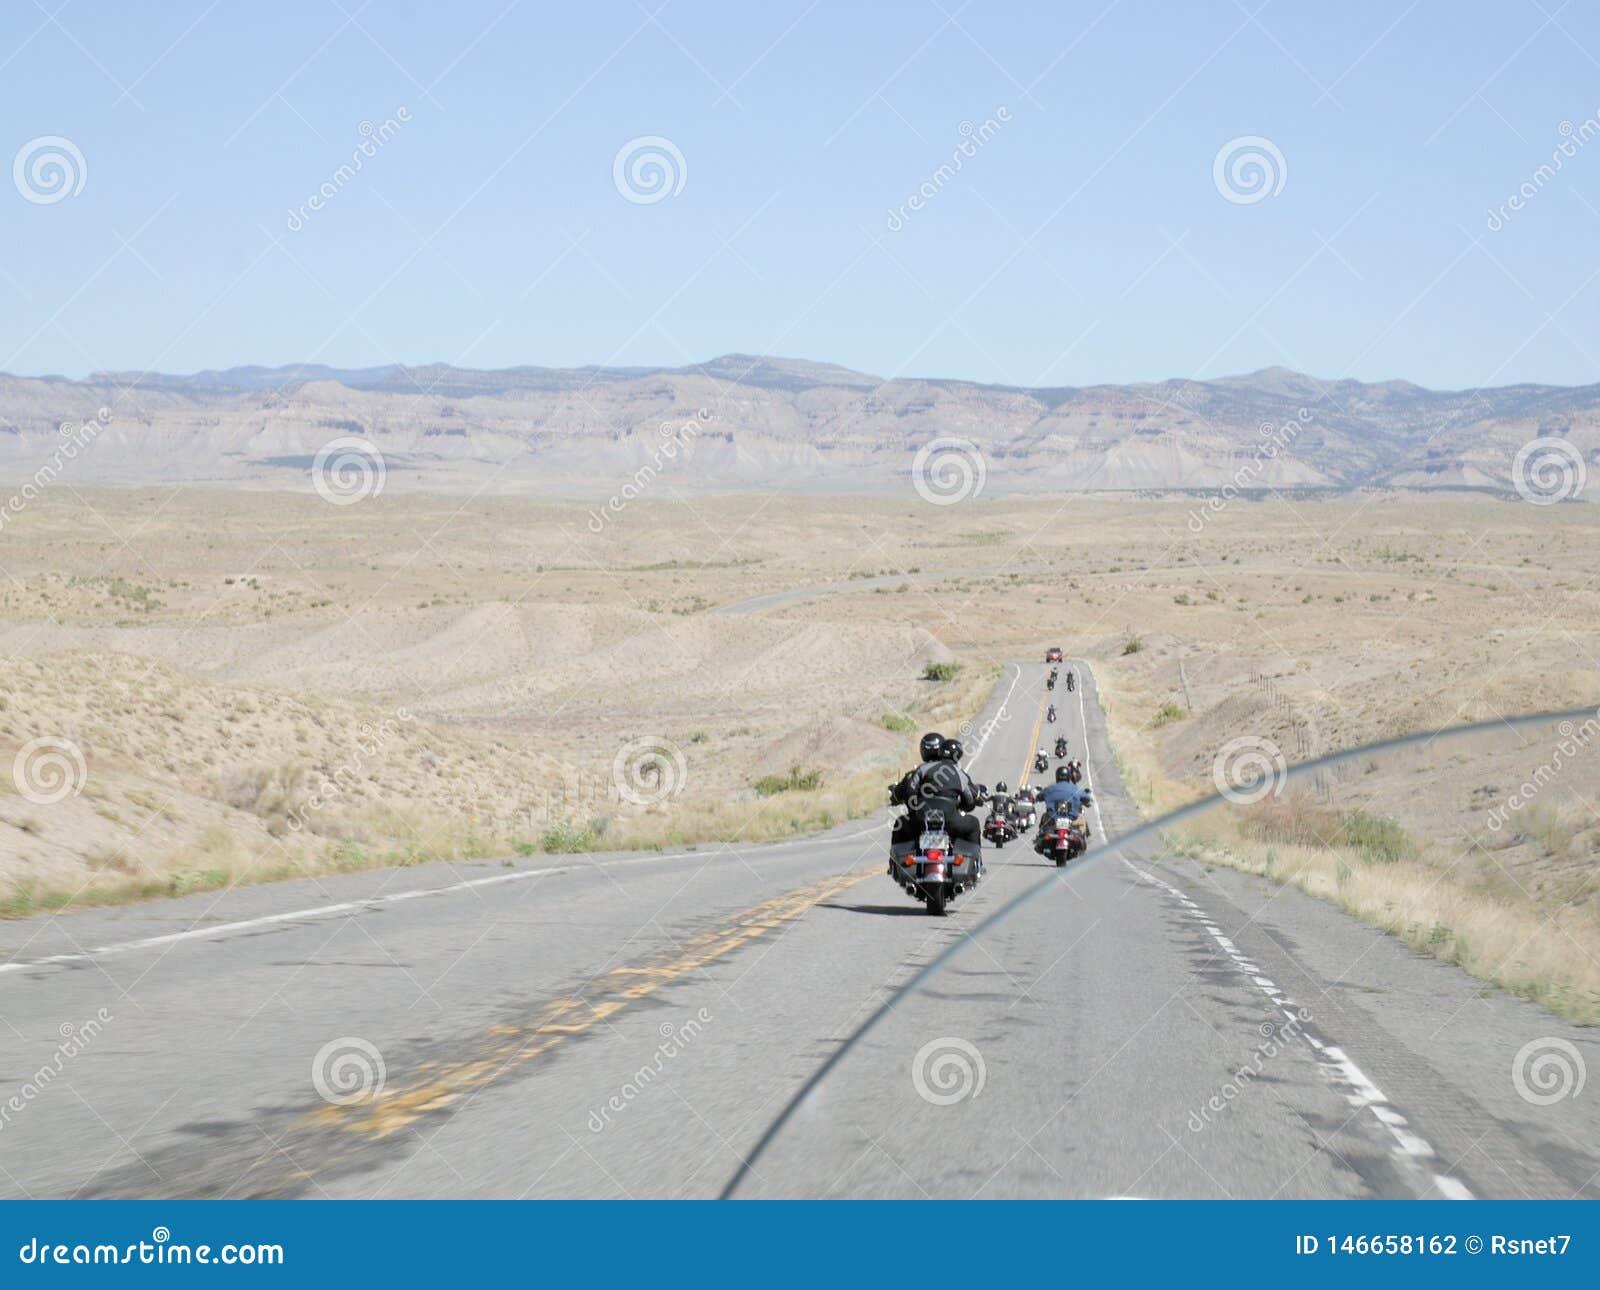 Groupe de moto sur une route isolée